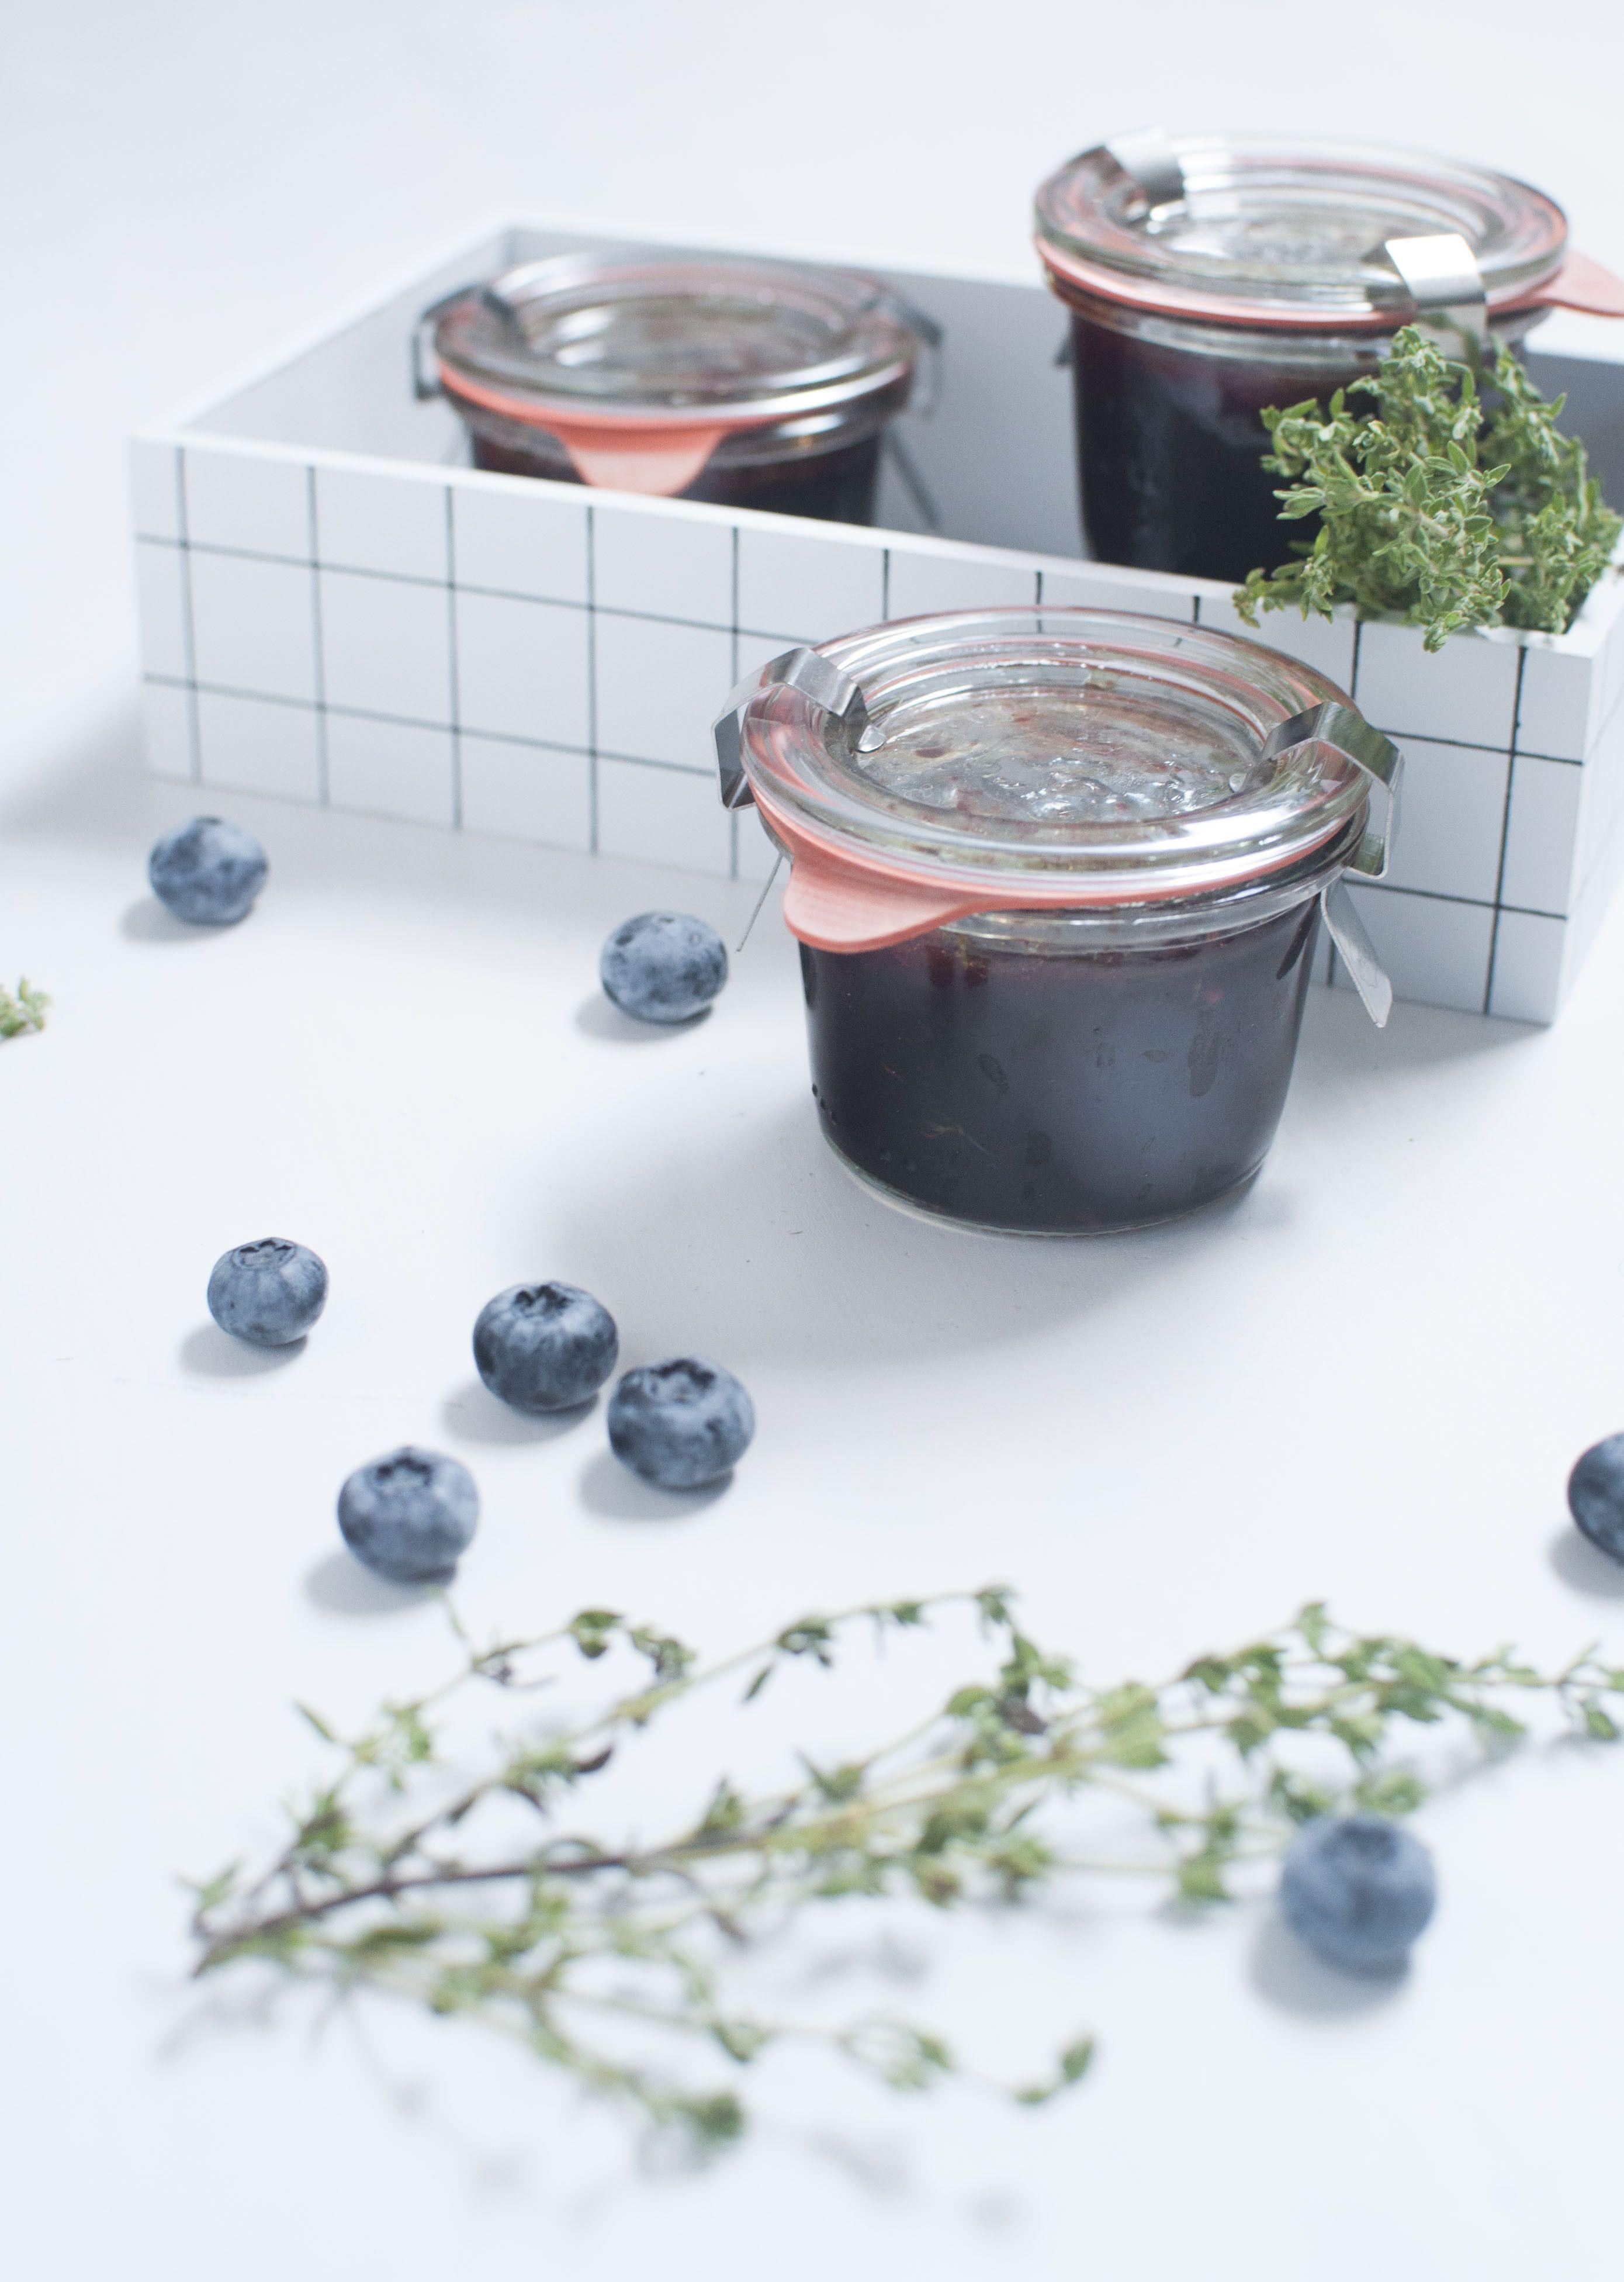 Ziemlich Halbeinbauleuchten Küche Bilder - Ideen Für Die Küche ...